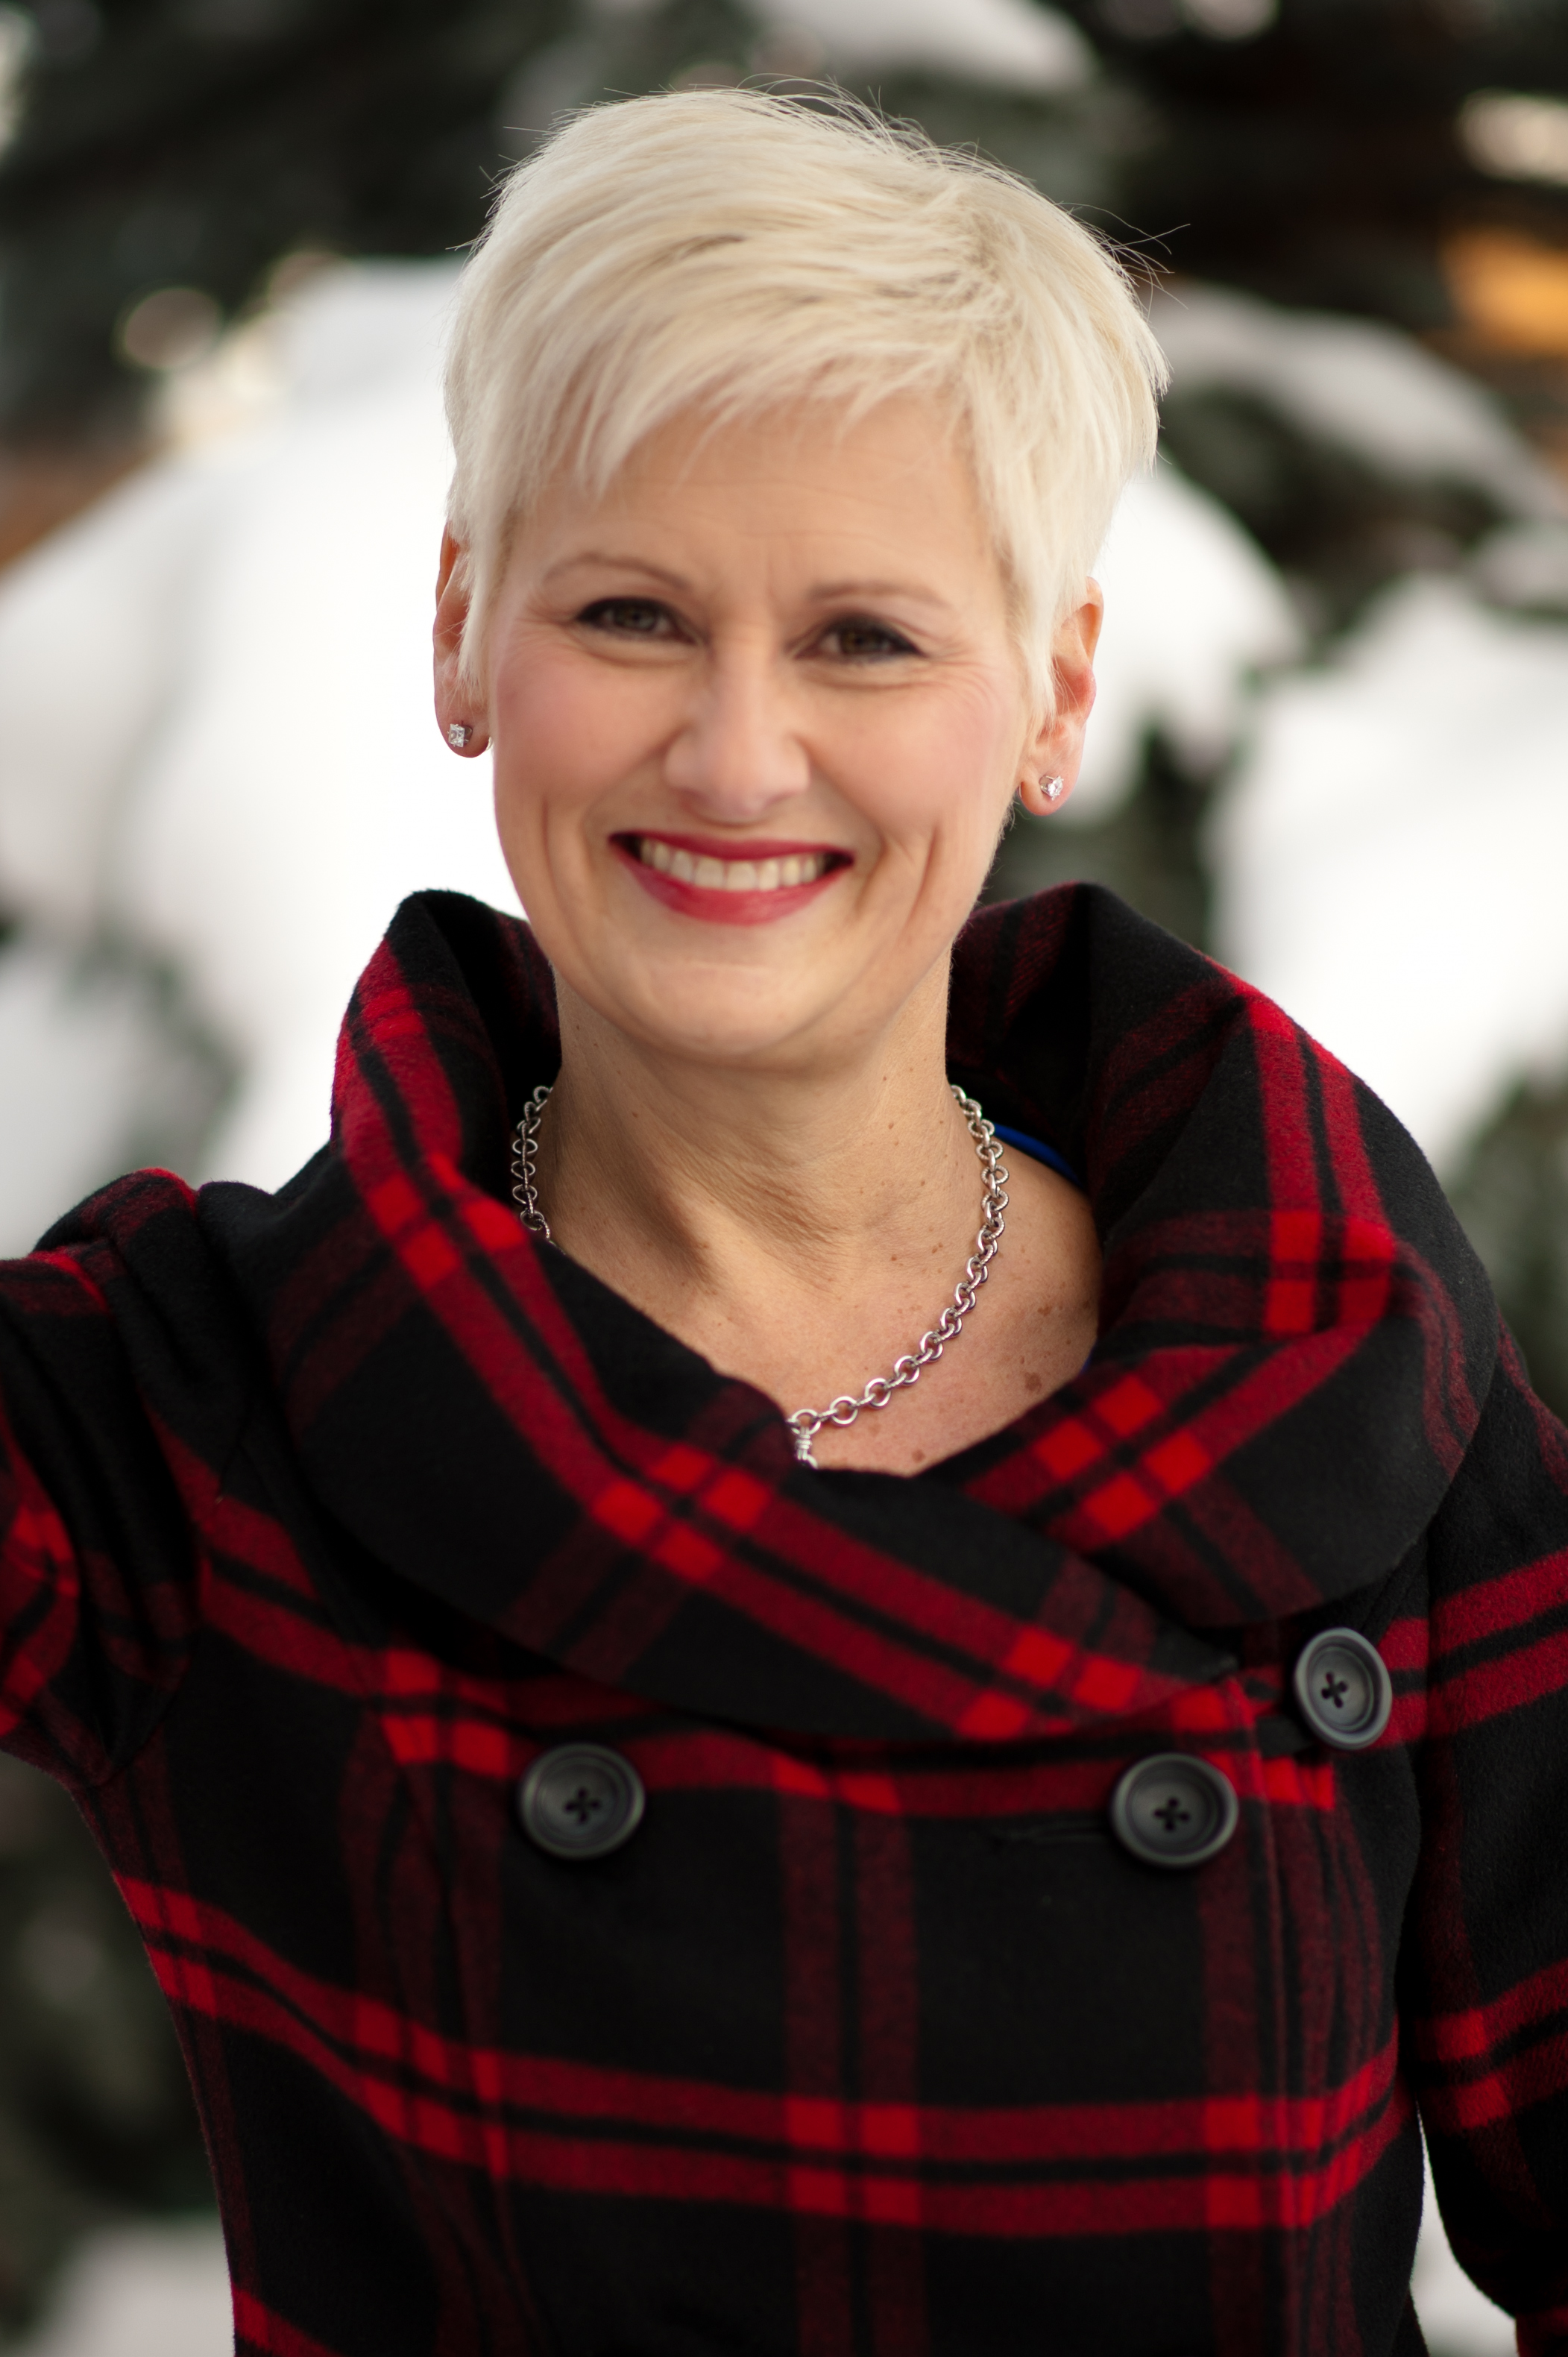 Christian women's speaker Donna Carter